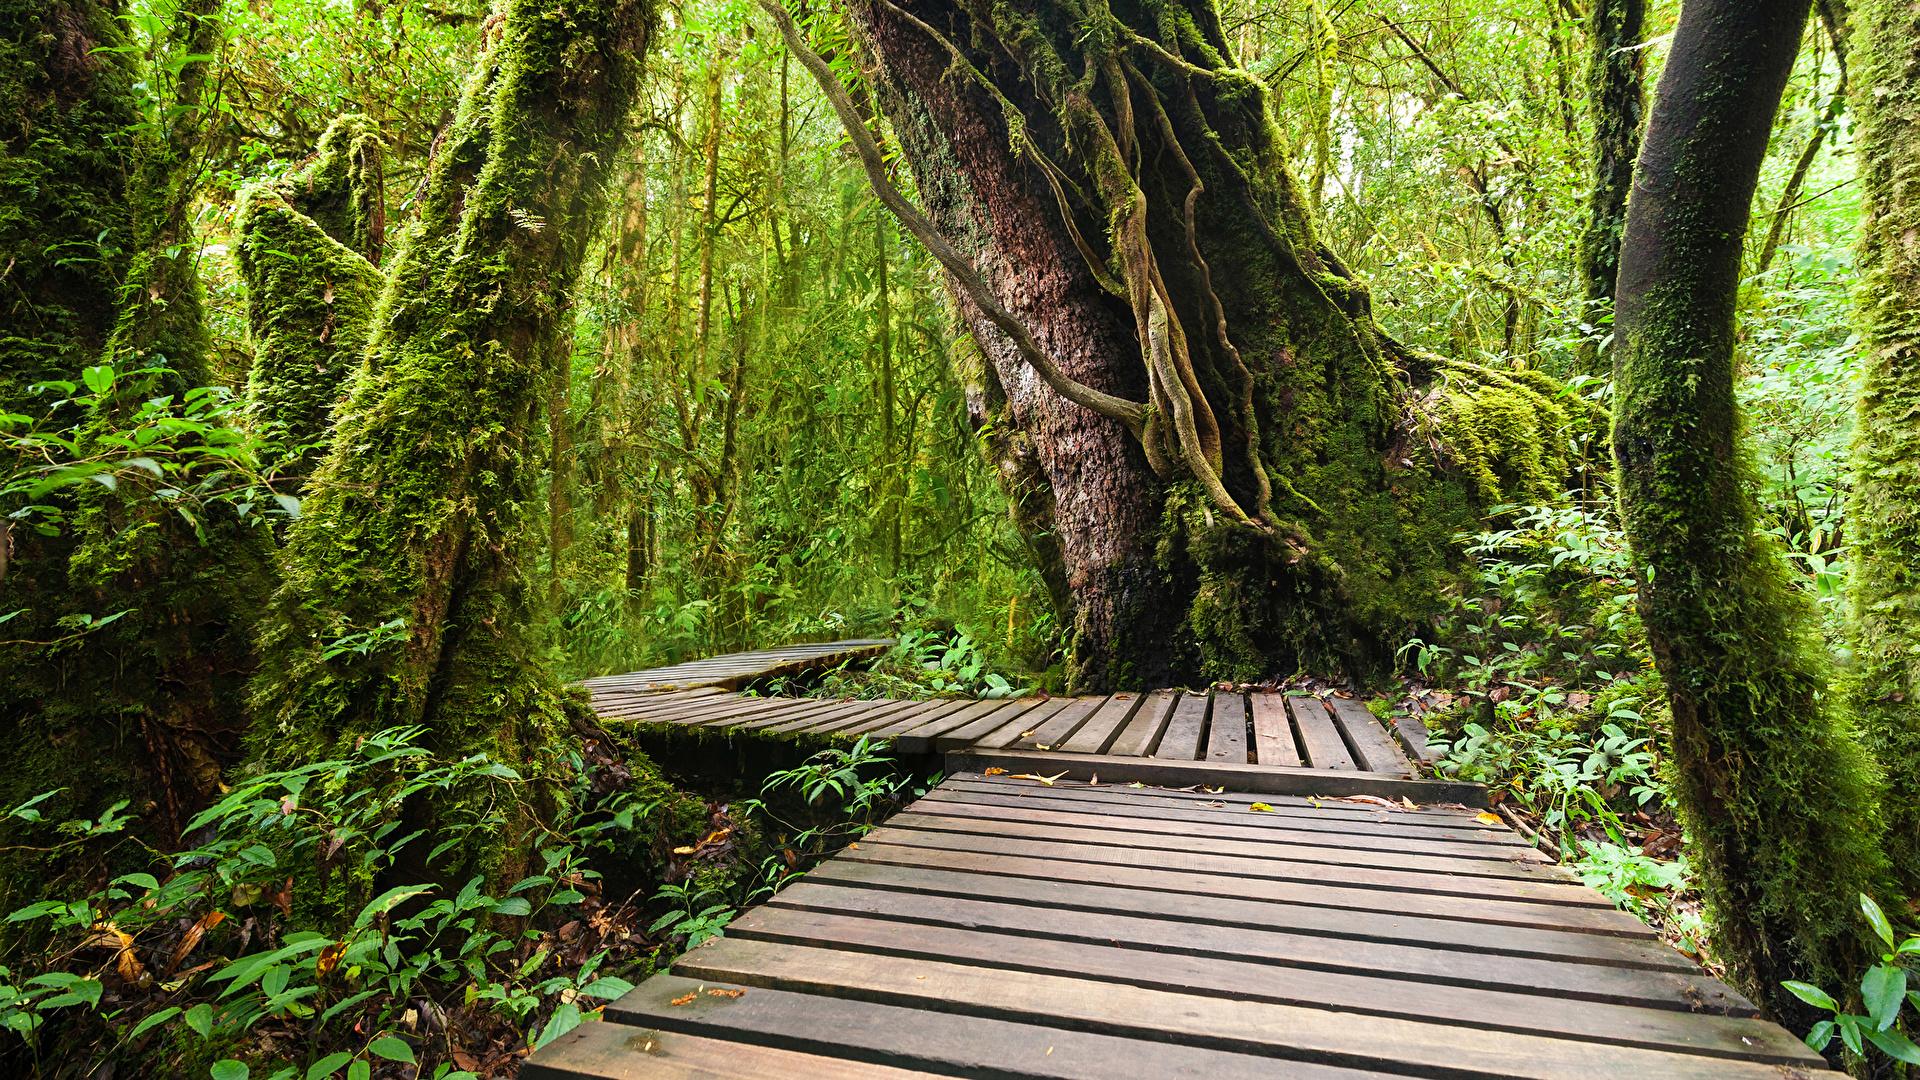 Обои Таиланд Doi Inthanon National Park Природа Леса Парки Тропики Ствол дерева Мох 1920x1080